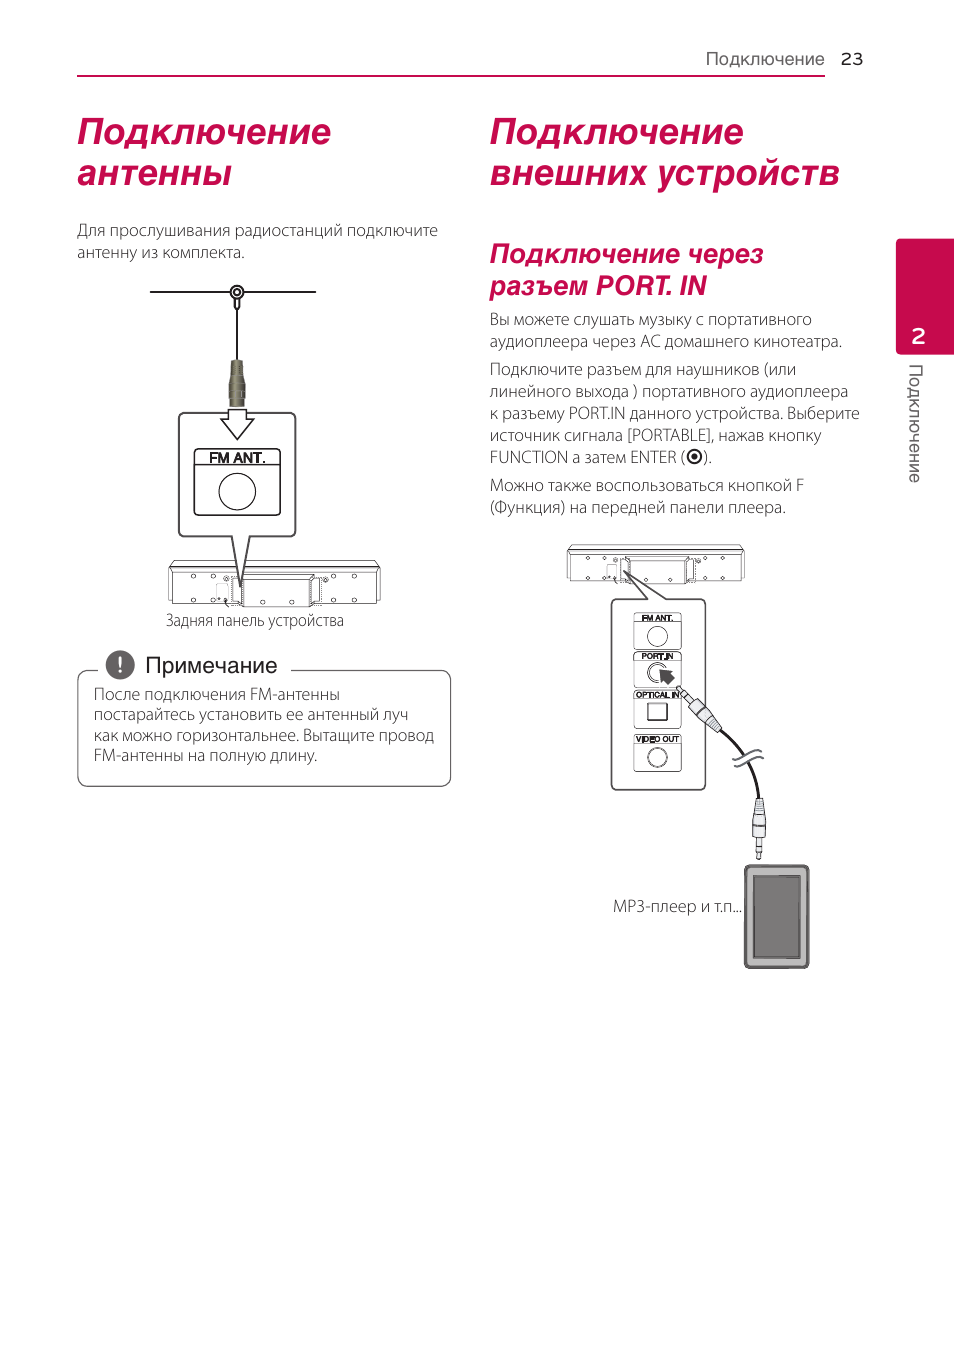 Схемы подключения антенны к проводу